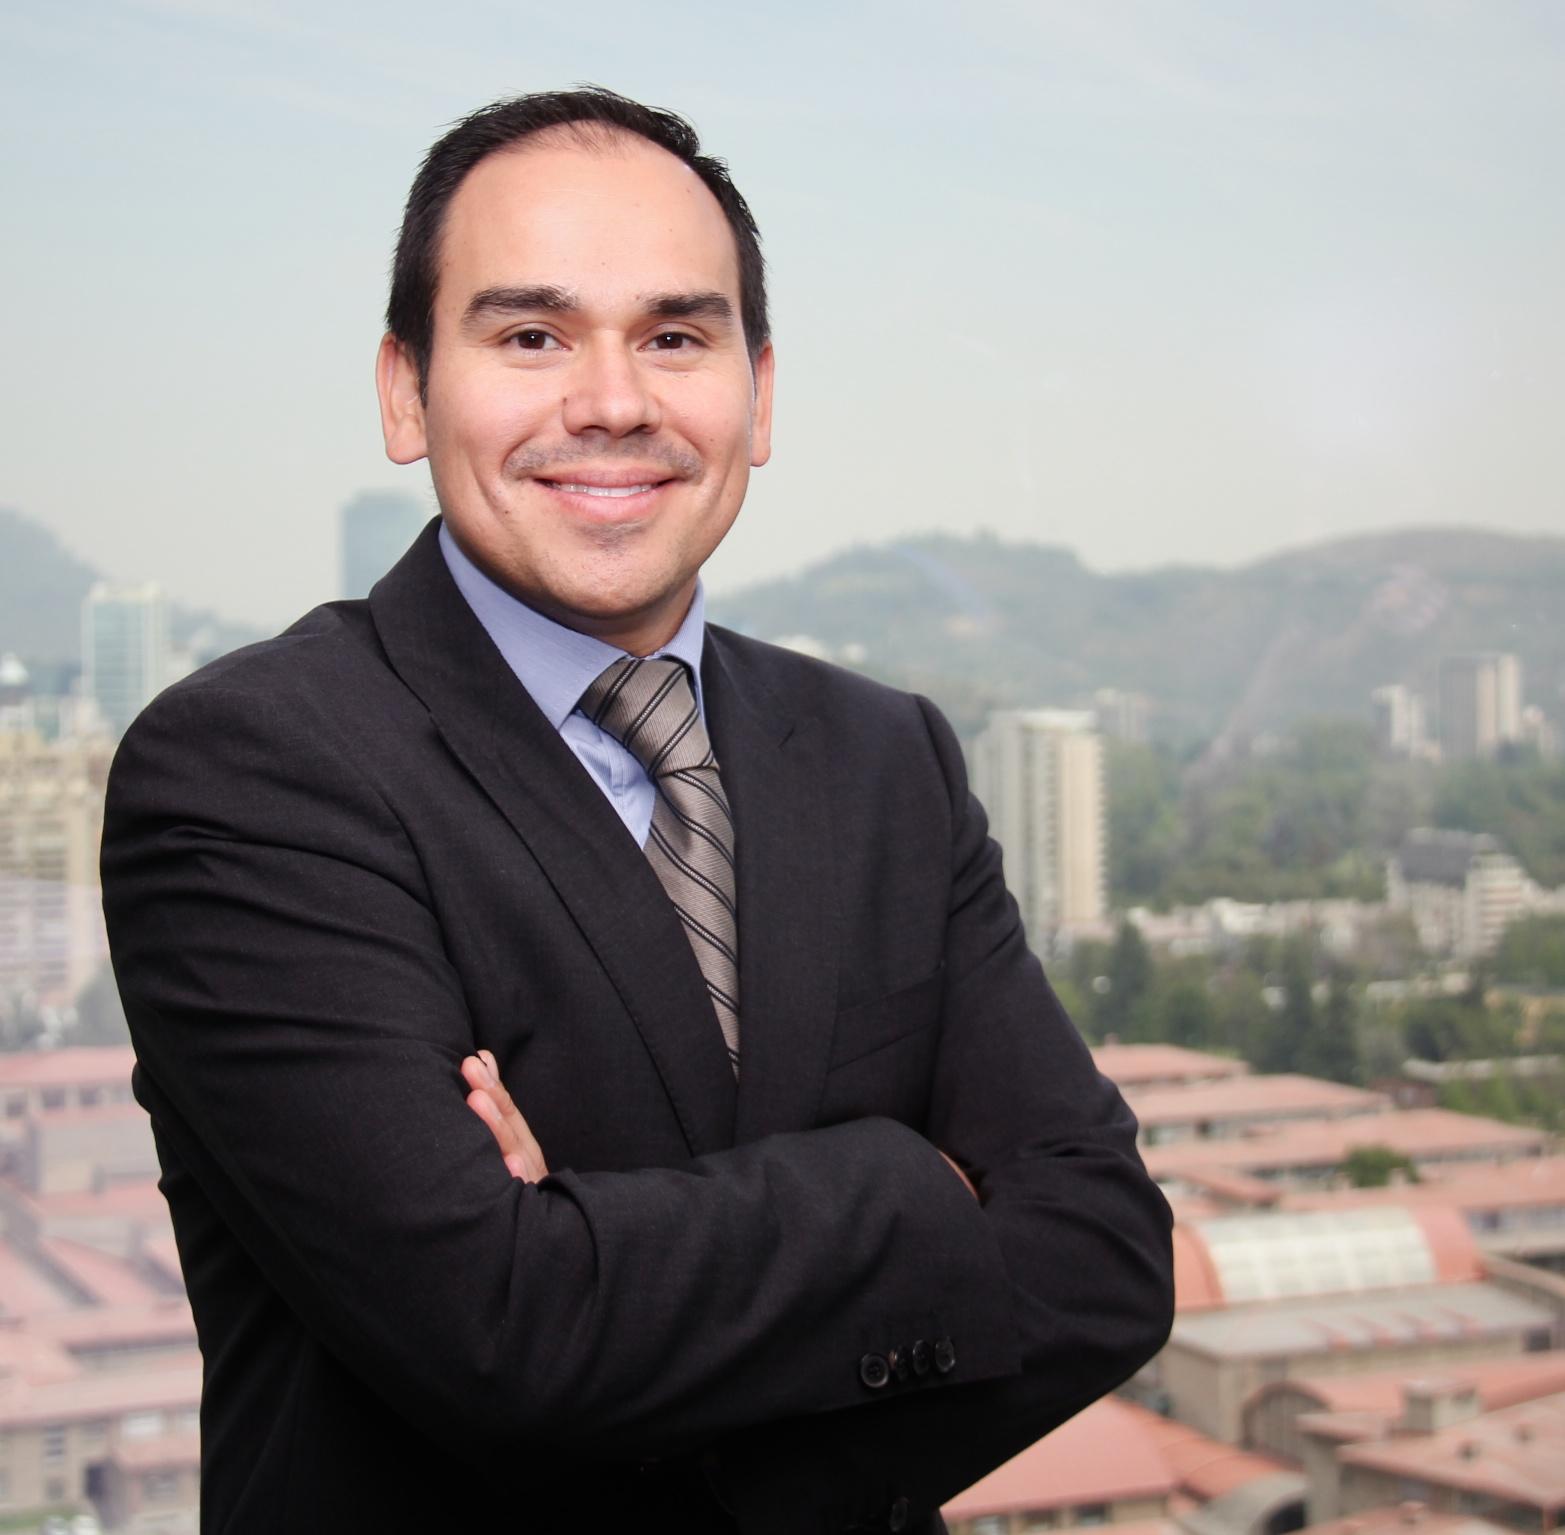 Resultado de imagen de Juan Manuel Gómez, director de ventas Workspaces para Citrix Latinoamérica